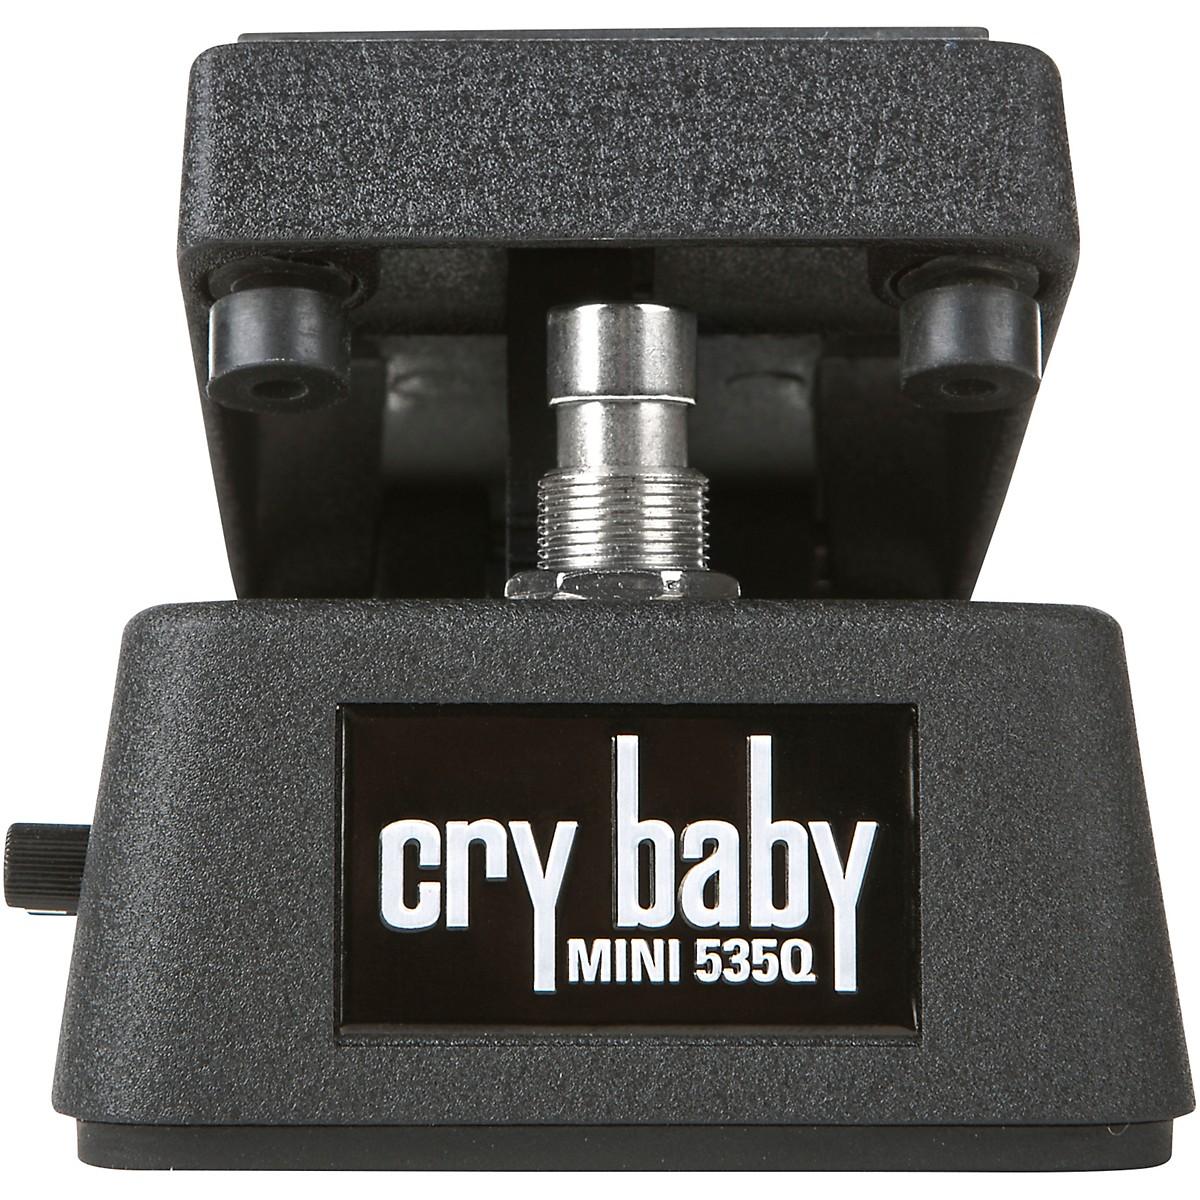 Dunlop CBM535Q Cry Baby Q Mini Wah Effects Pedal